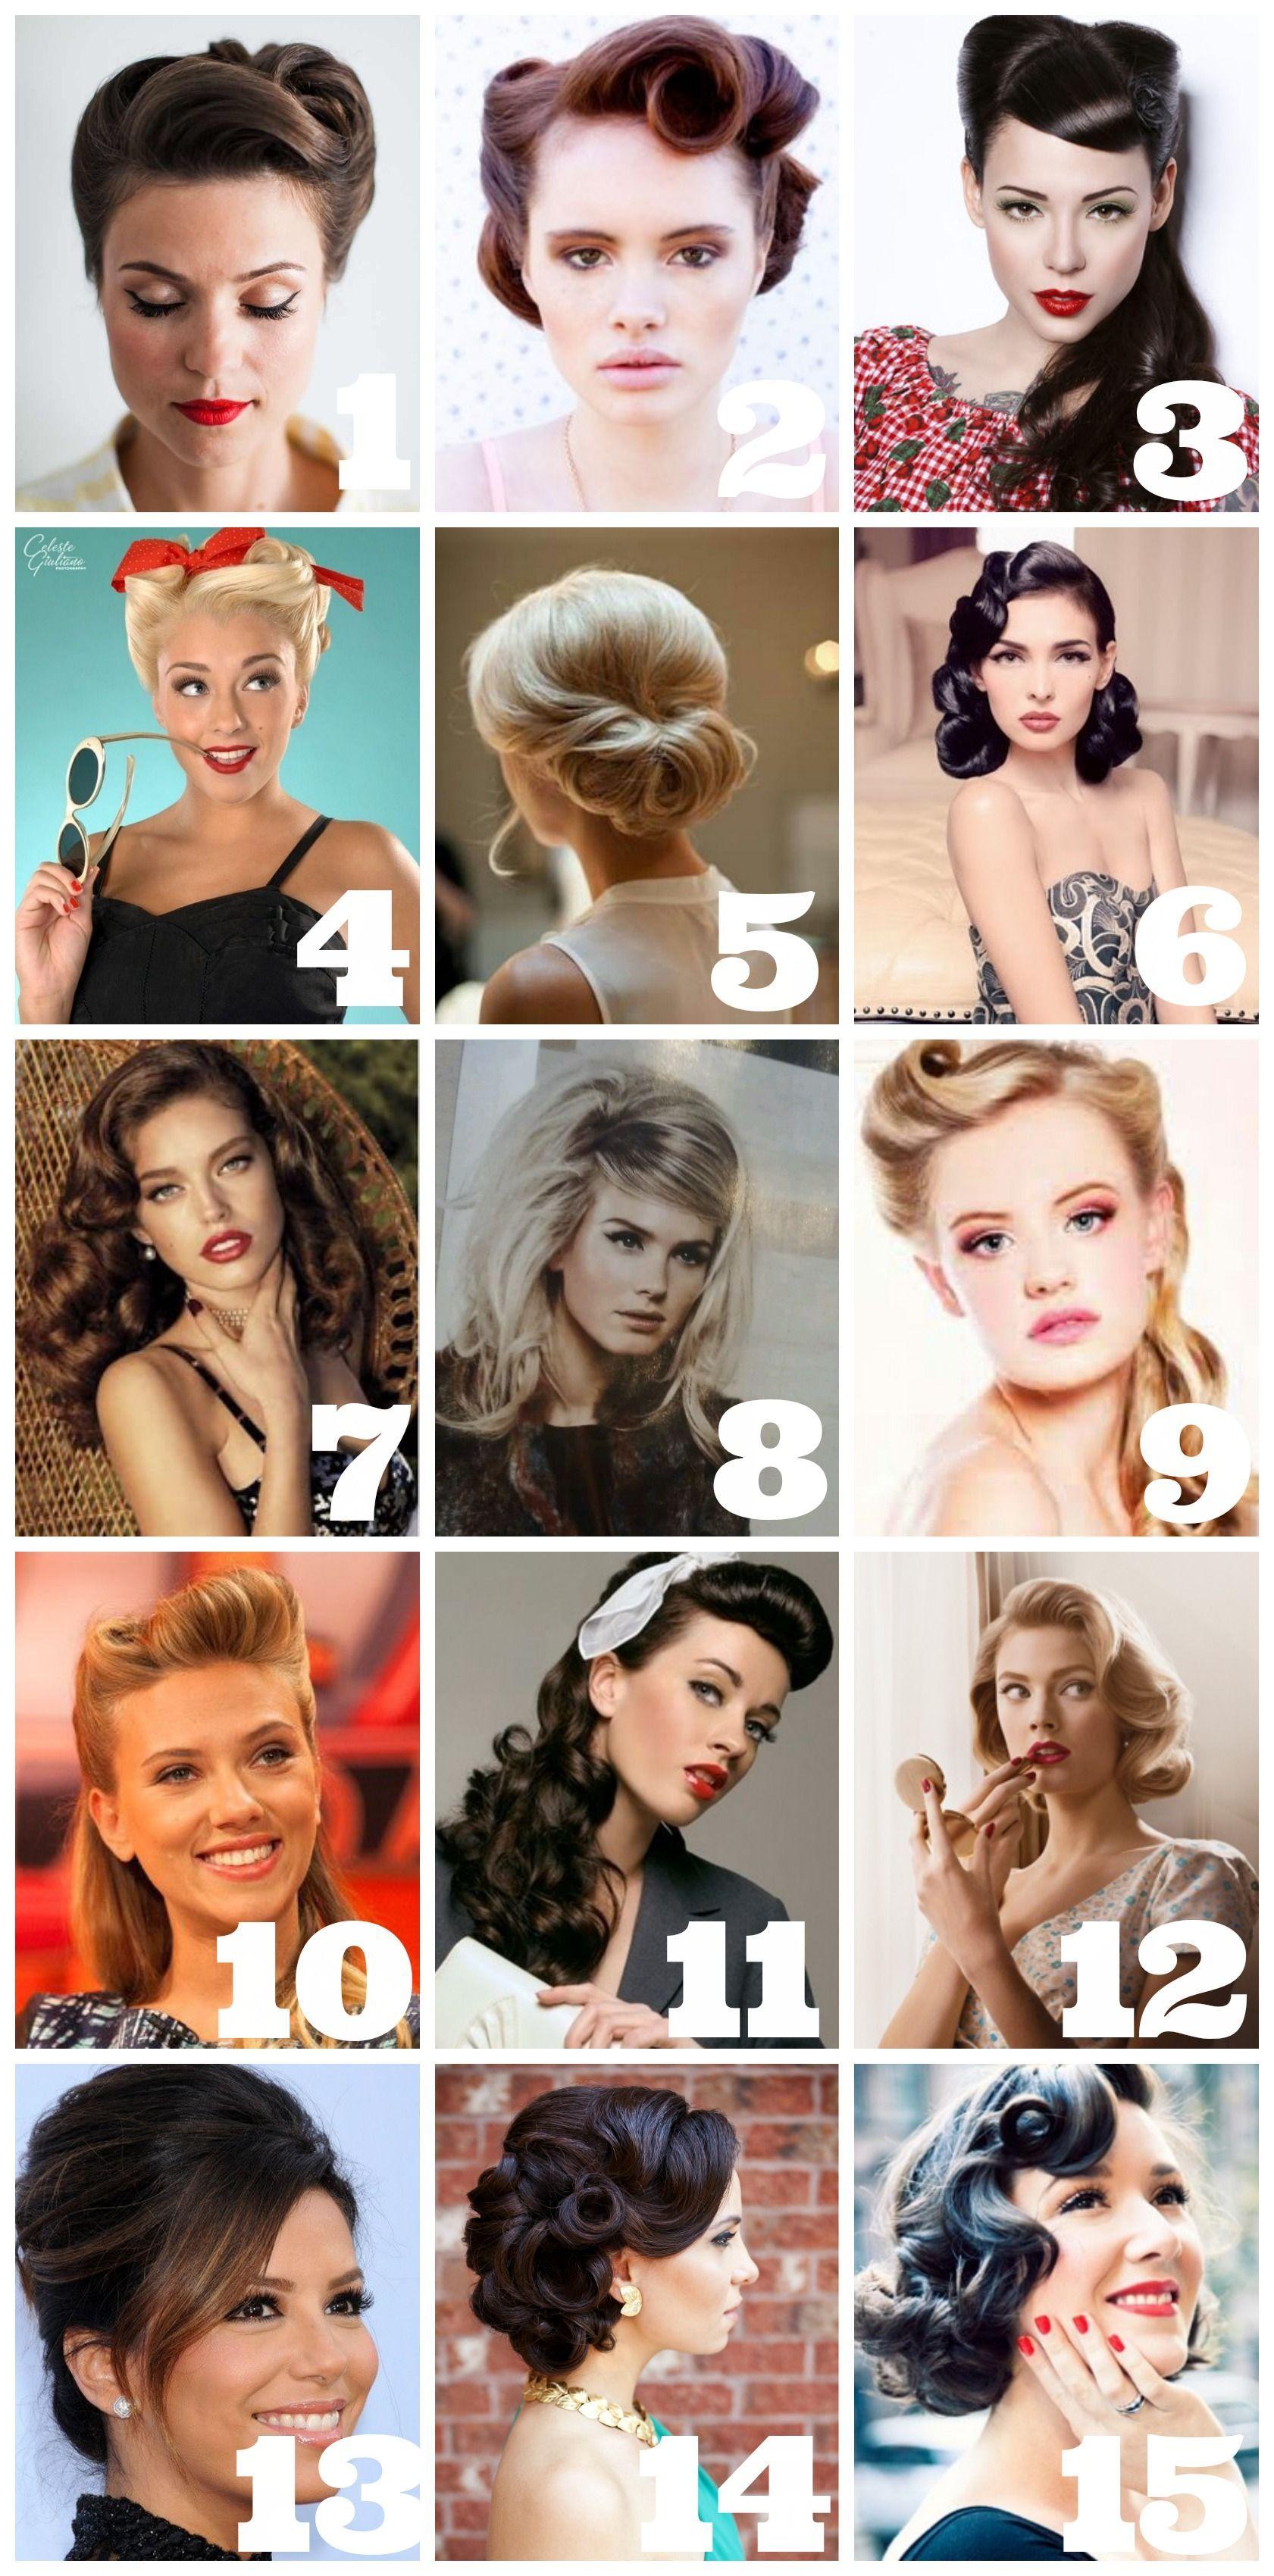 Retro Frisuren Alle Voneinander Fein In 2020 Retro Hairstyles Hair Styles Vintage Hairstyles